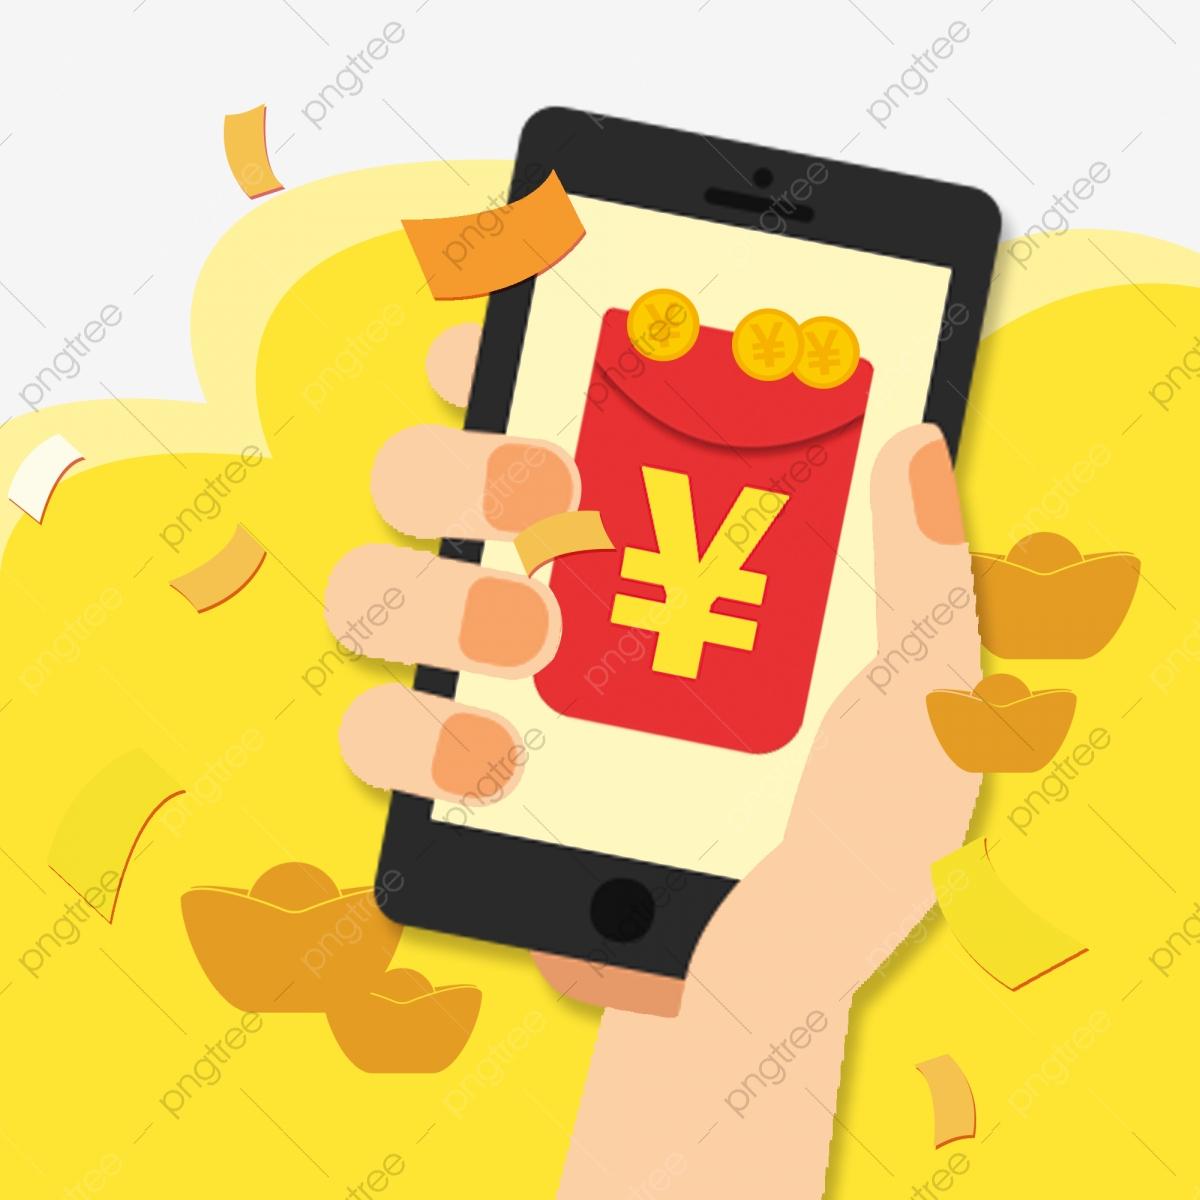 Mobile Tablette Pomme Musique, Tablette, Musique, Valeur concernant Puzzle Gratuit A Telecharger Pour Tablette